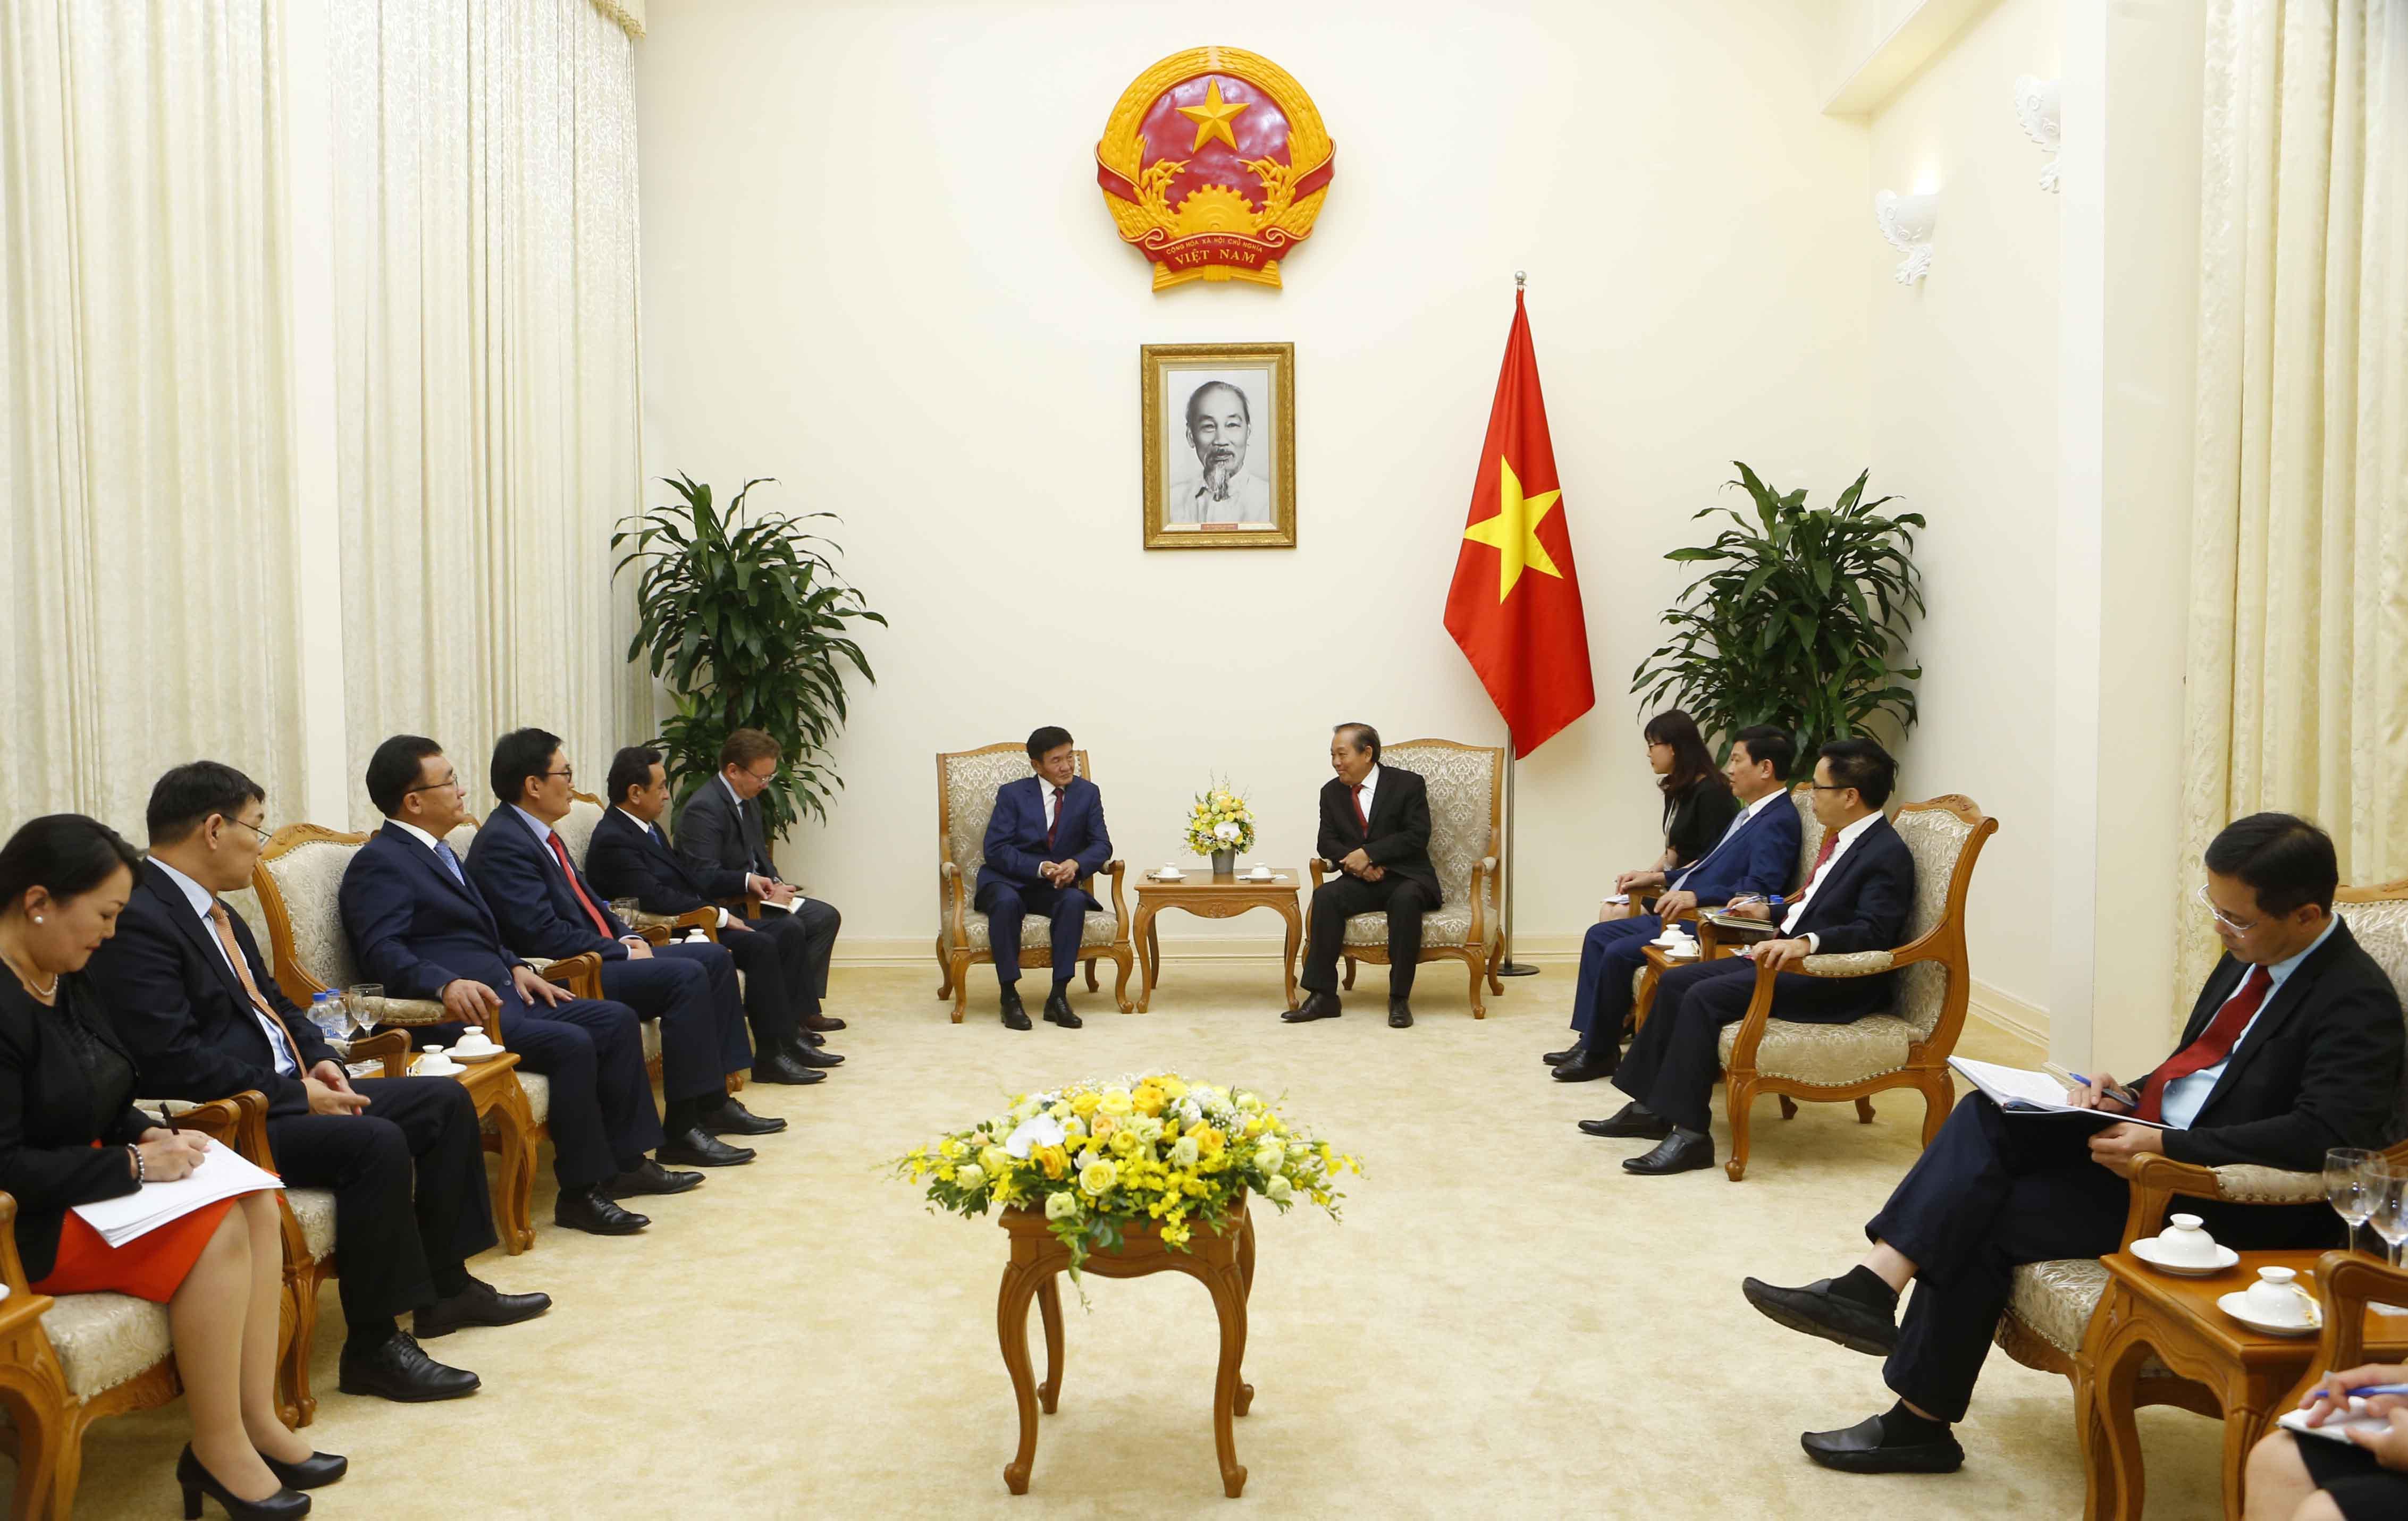 Tăng cường hợp tác tư pháp giữa Việt Nam - Mông Cổ